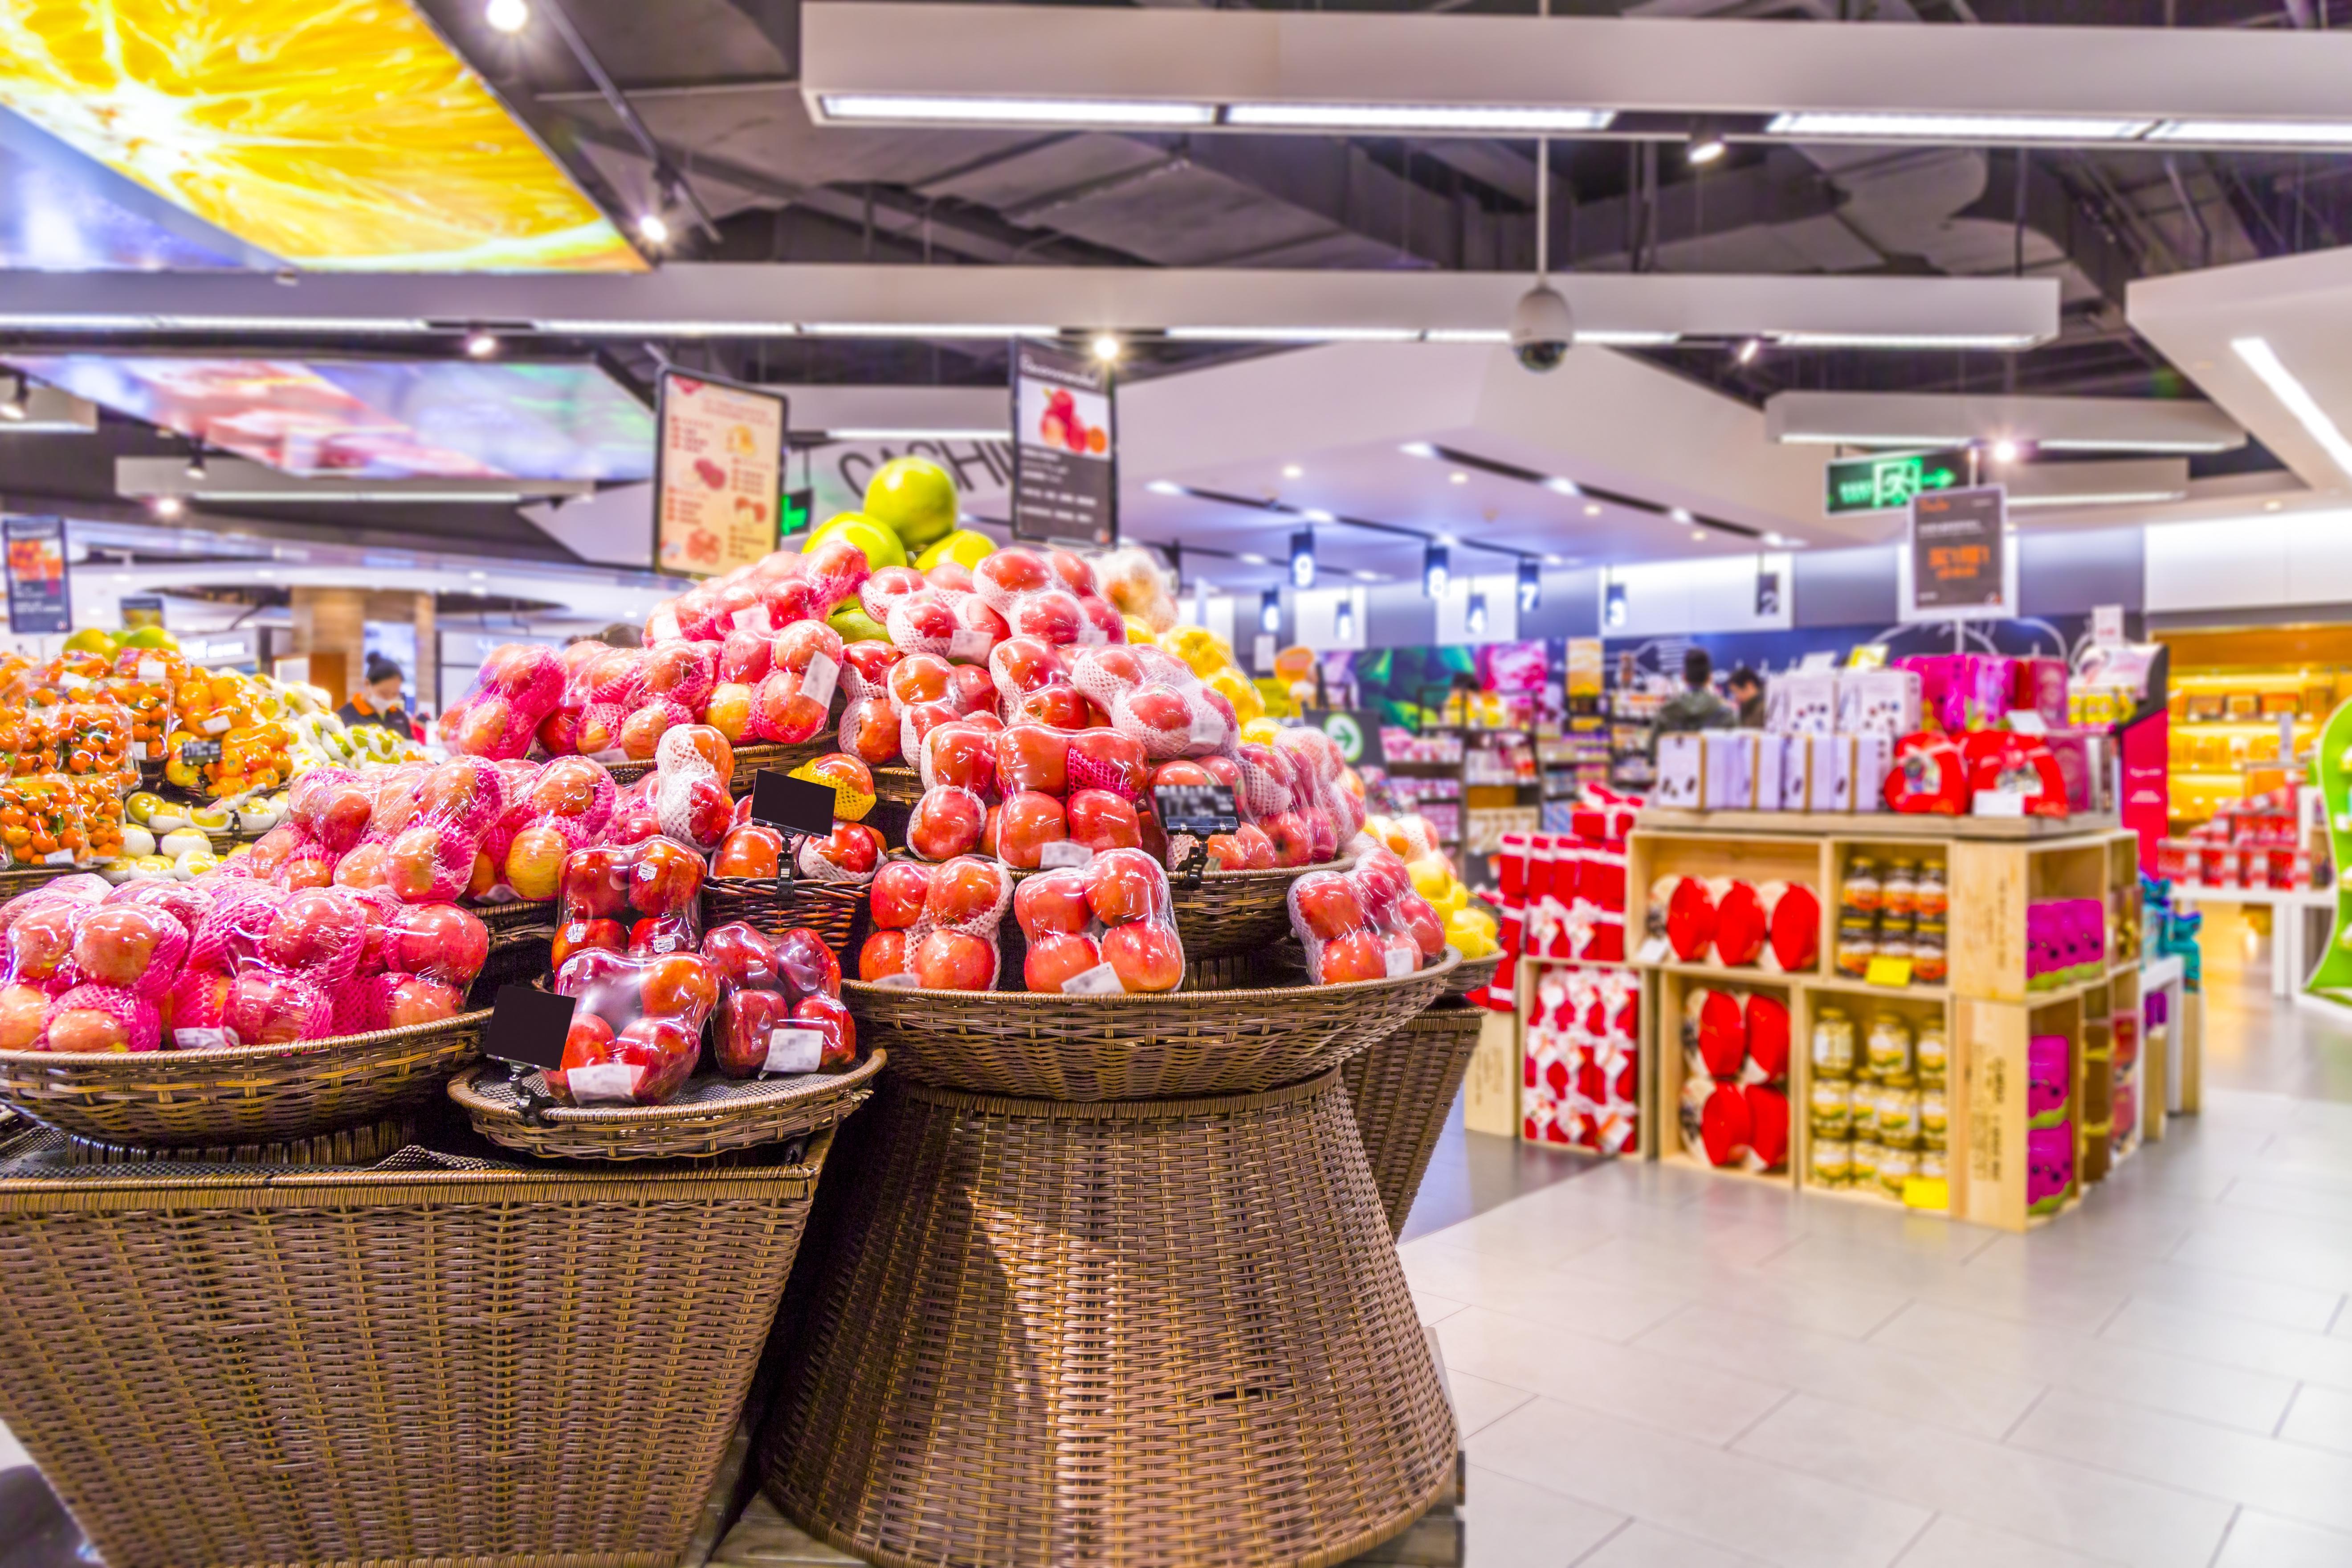 hy-vee grocery